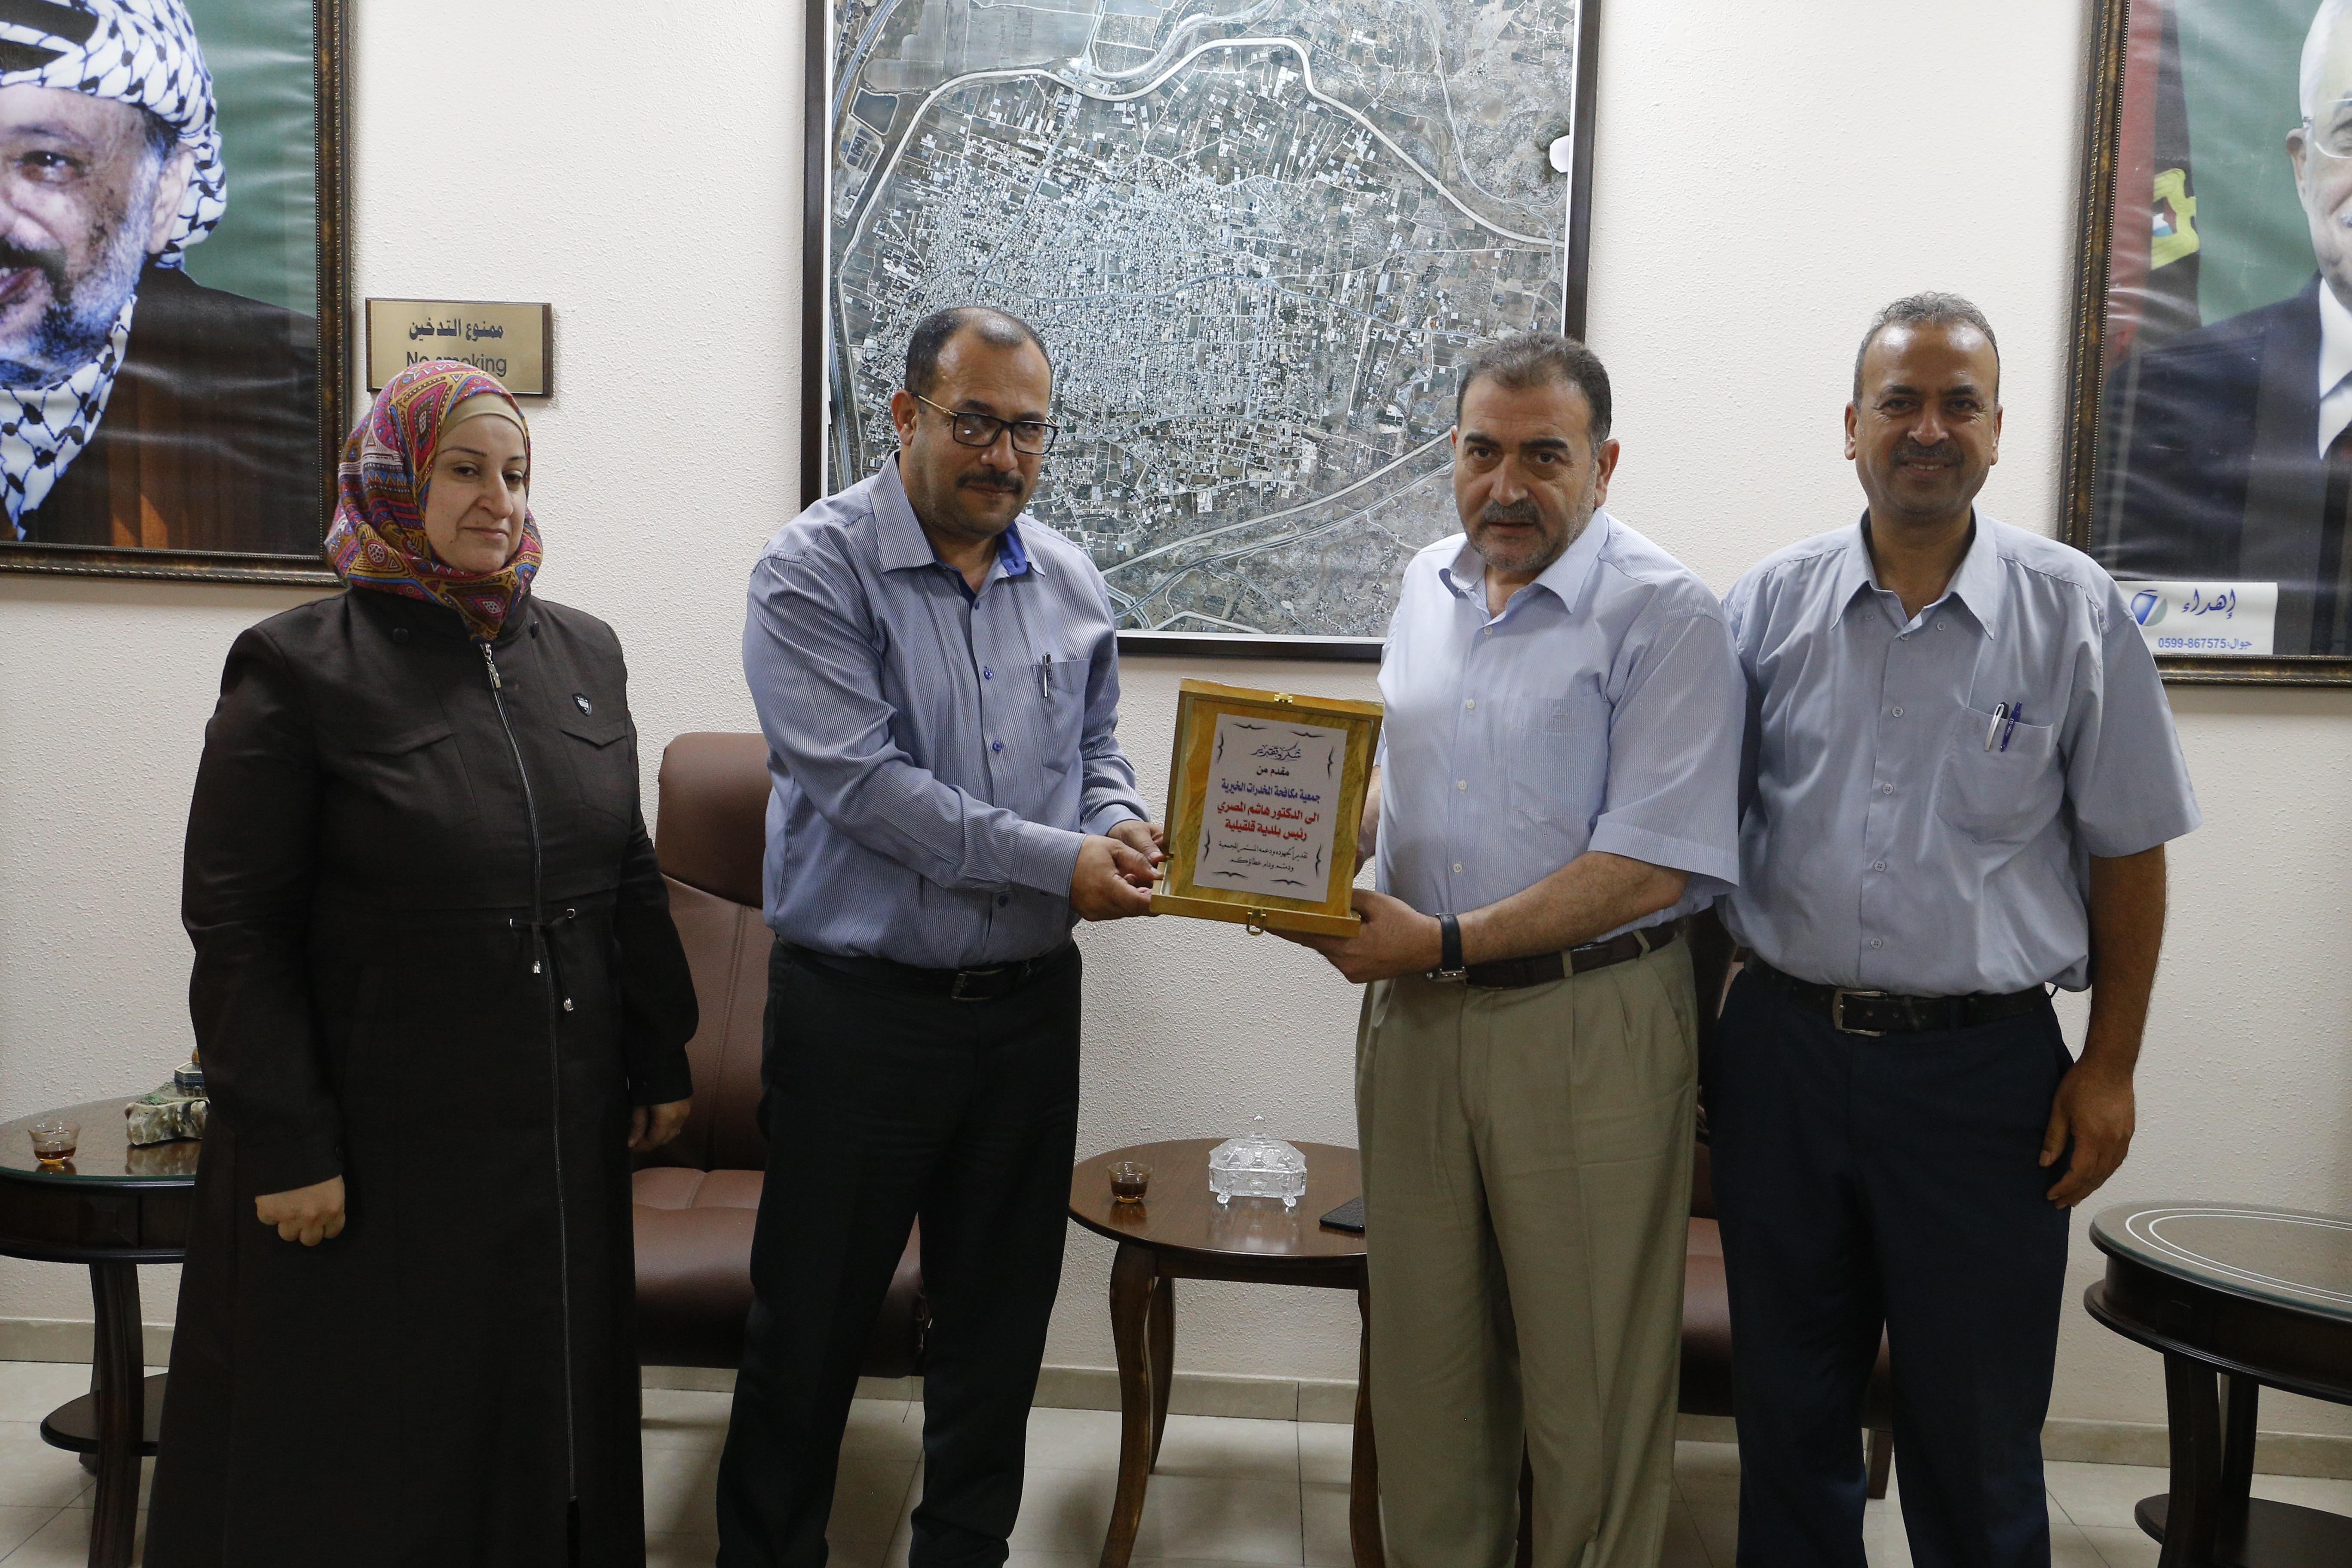 جمعية حماية الأسرة من المخدرات تكرم رئيس بلدية قلقيلية